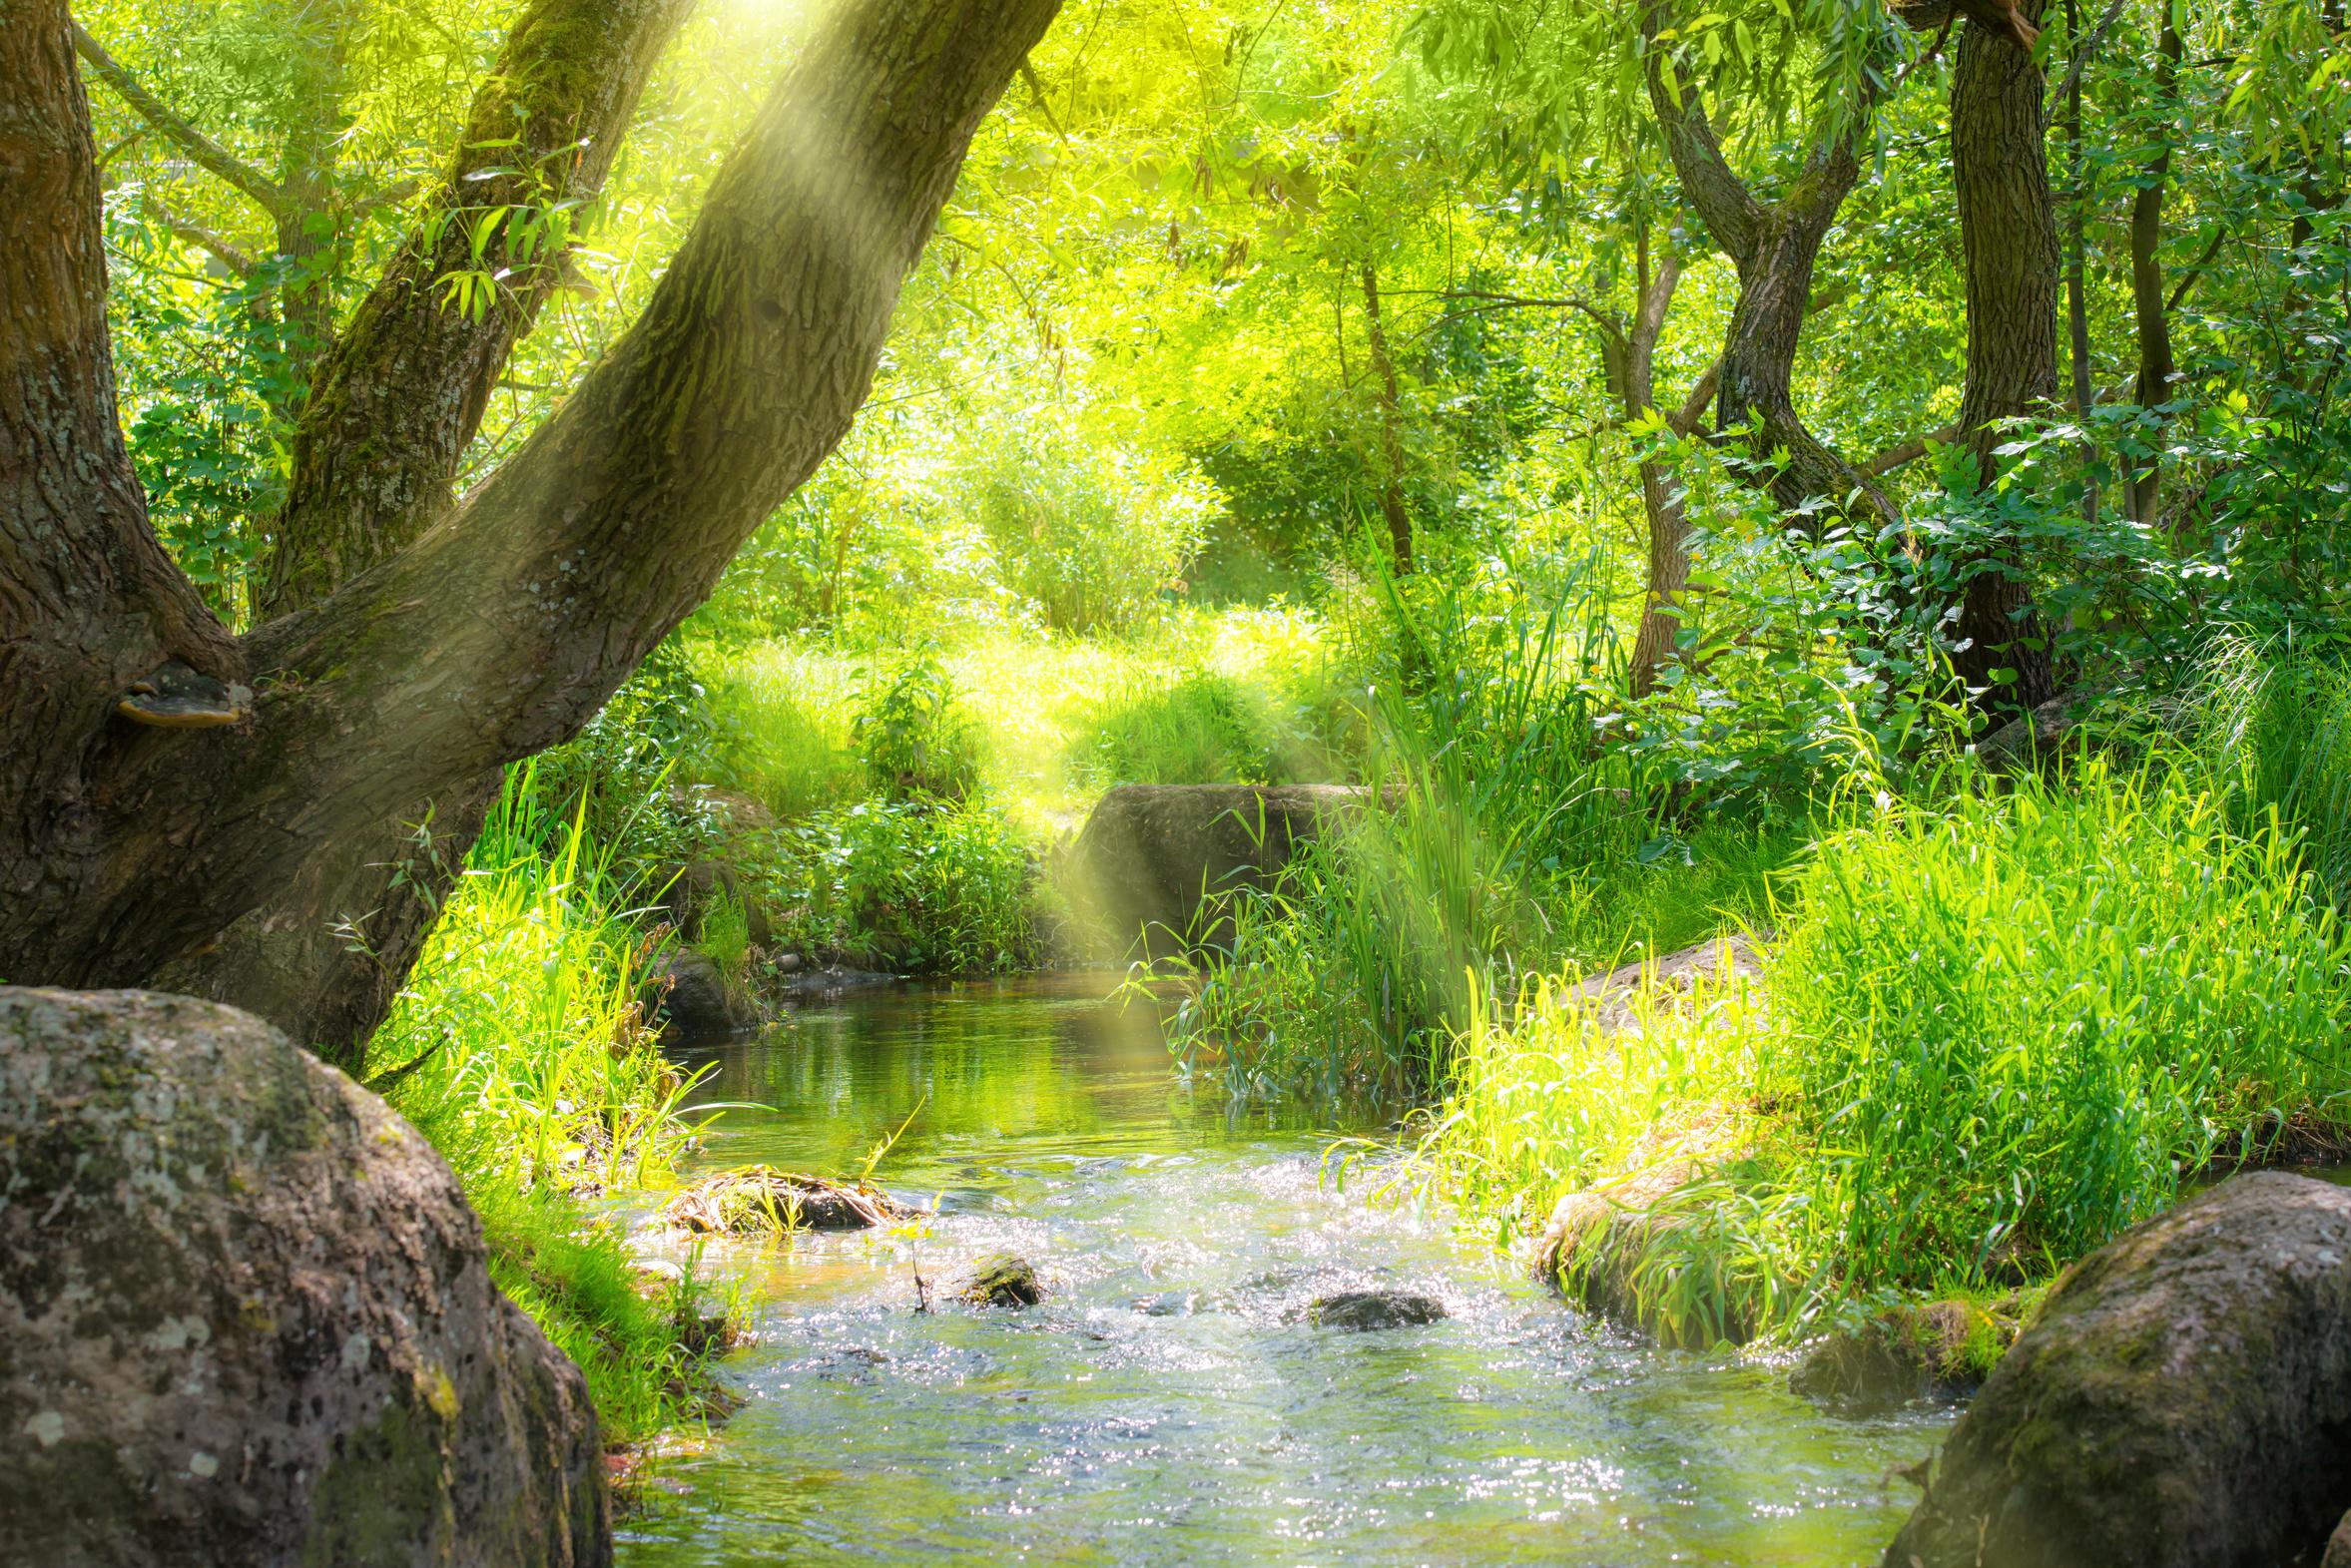 Entspannung, Natur und Glück mit ruhewerk